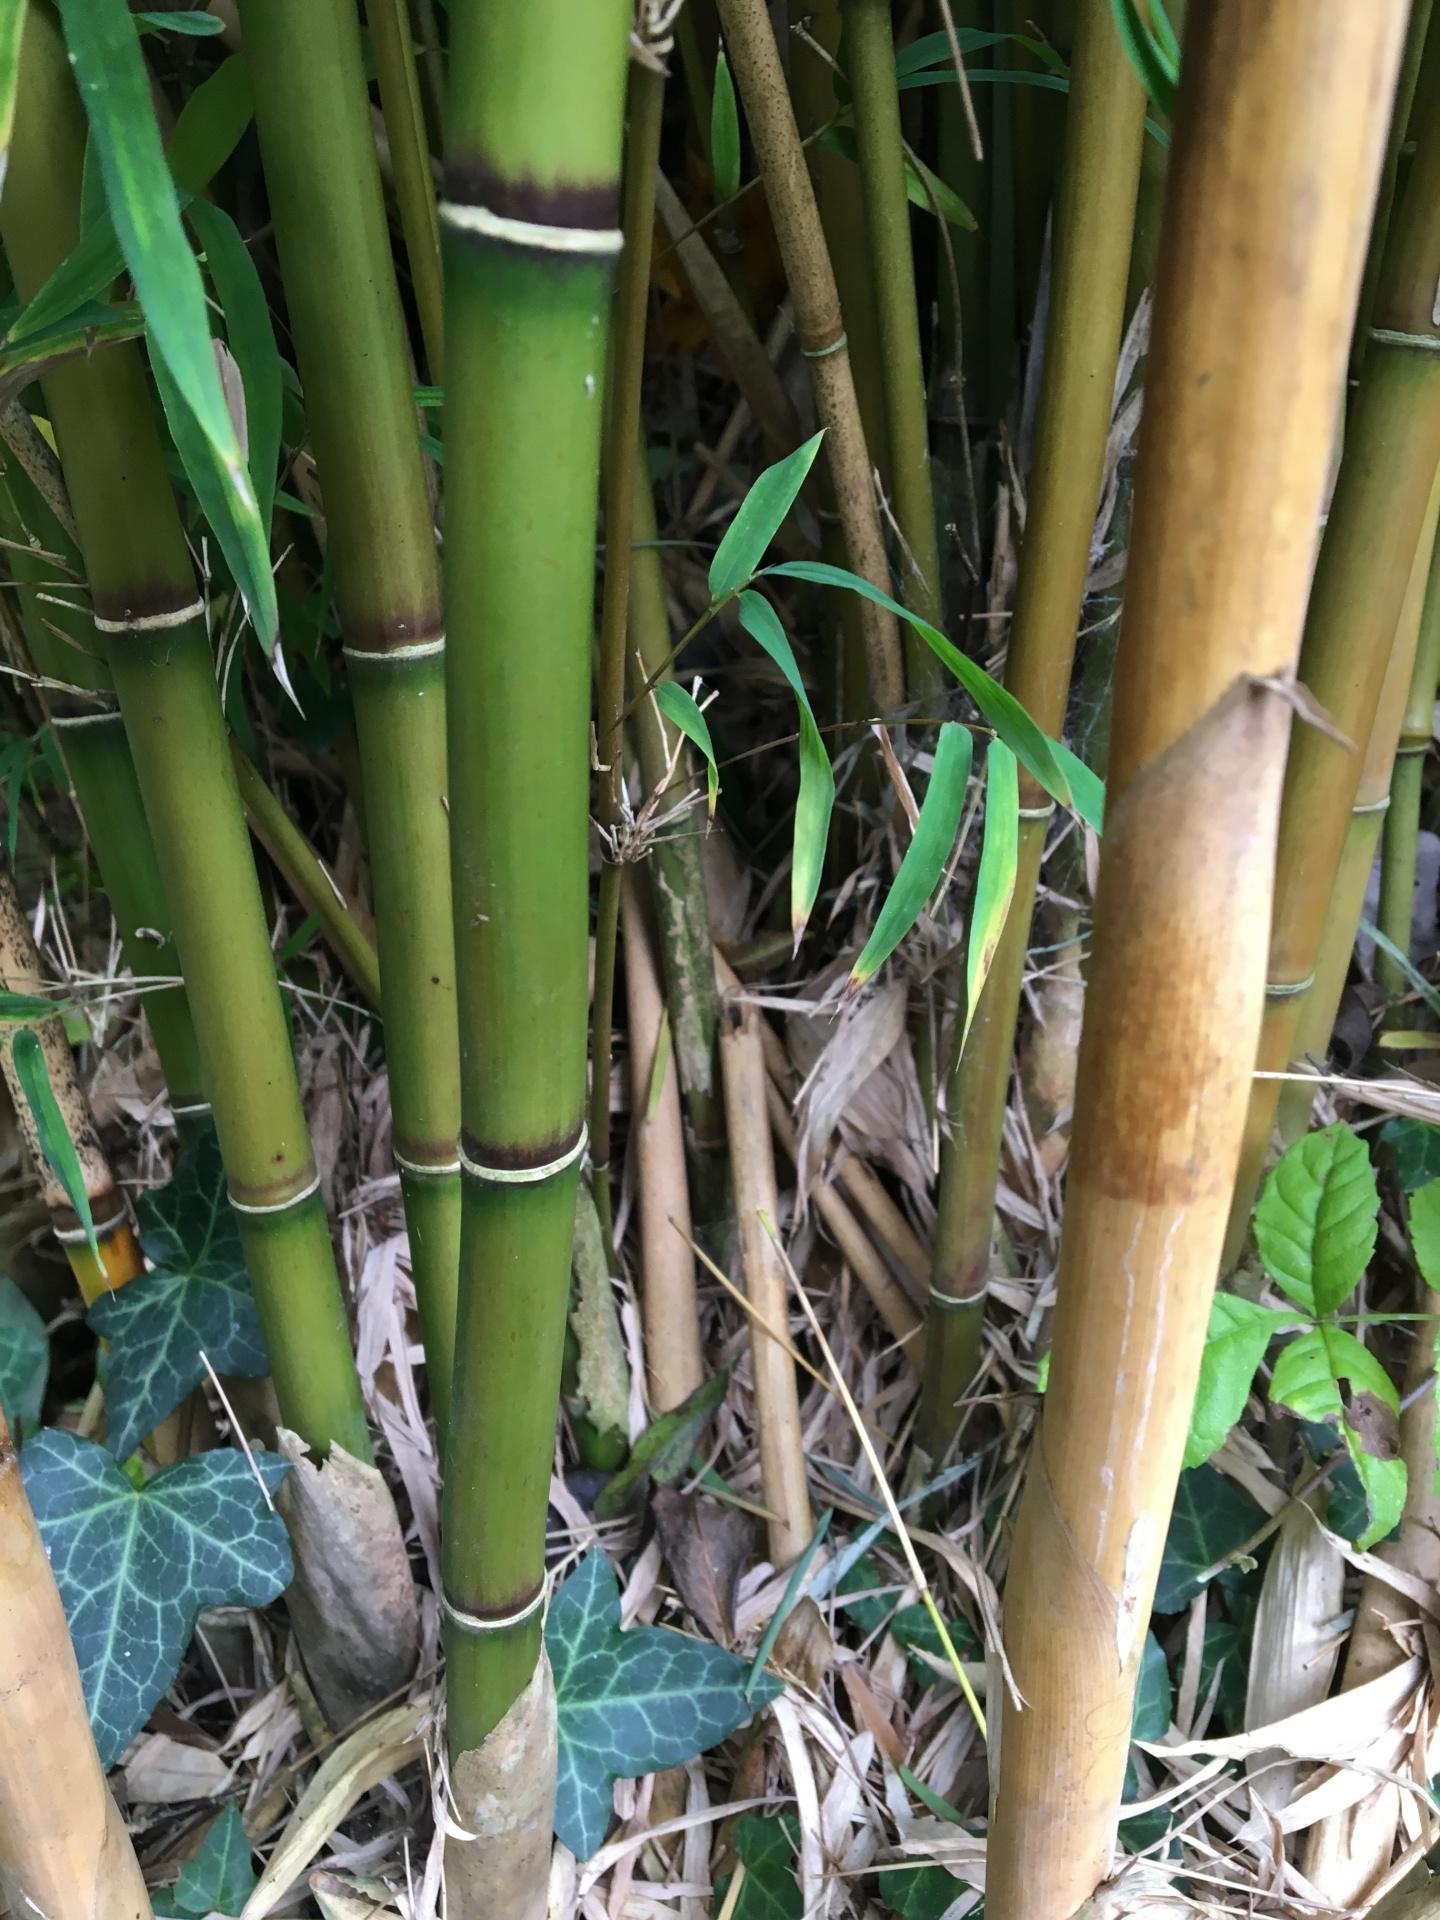 P. bambusoides